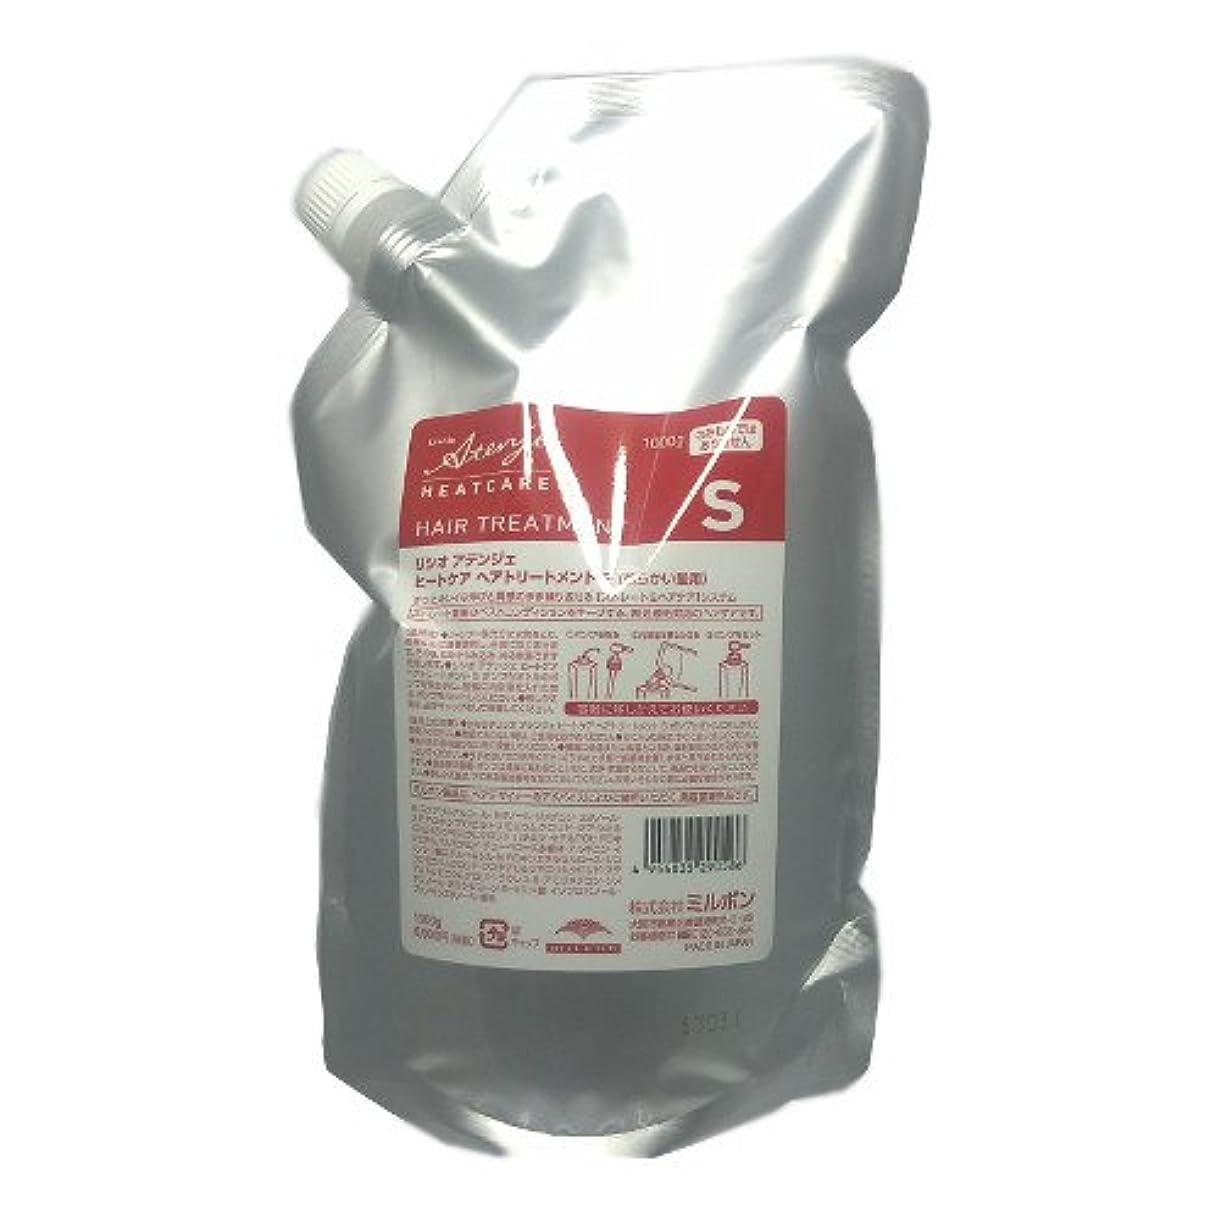 スリチンモイマグランタンミルボン リシオ アテンジェ ヒートケア トリートメントS 1000g(詰替用)(軟らかい髪用)